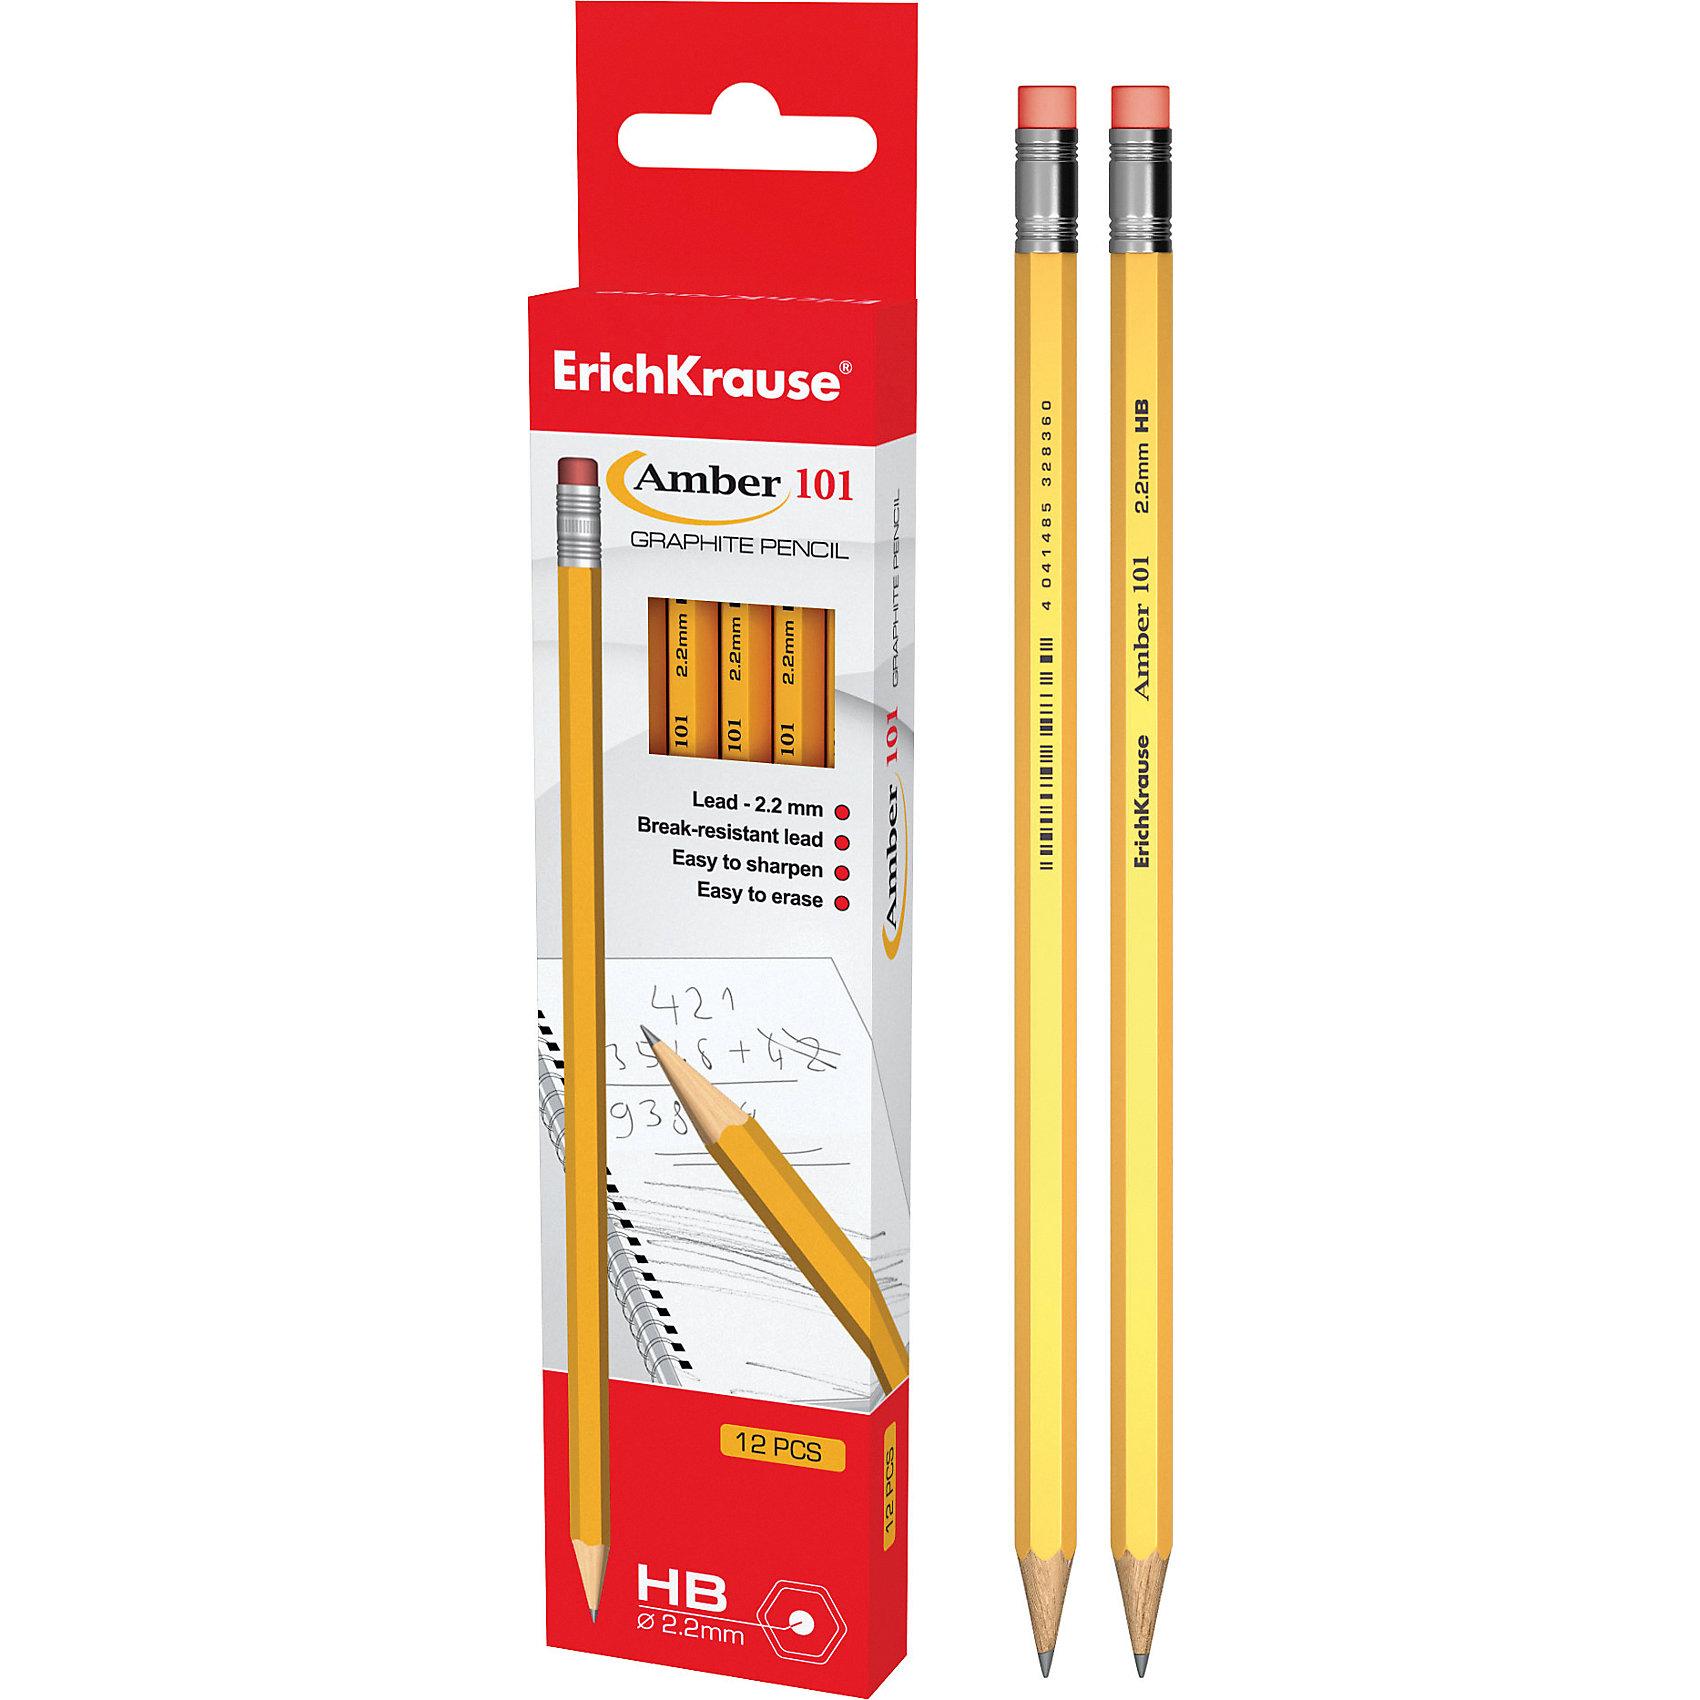 Чернографитный карандаш AMBER 101 (HB) шестигранный с ластиком, 12 шт., Erich KrauseПисьменные принадлежности<br>Чернографитный карандаш AMBER 101 (HB) шестигранный с ластиком, 12 шт., Erich Krause.<br><br>Характеристики:<br><br>• Количество: 12 шт.<br>• Материал корпуса: древесина<br>• Цвет корпуса: желтый<br>• Диаметр грифеля: 2,2 мм.<br>• Твердость грифеля: НВ<br>• Длина карандаша: 17 см.<br><br>Чернографитные карандаши Erich Krause Amber 101 - идеальный инструмент для письма, рисования и черчения. Шестигранный корпус выполнен из древесины. Высококачественный ударопрочный грифель не крошится и не ломается при заточке. В набор входят 12 чернографитных заточенных карандаша твердостью НВ с ластиком на конце.<br><br>Чернографитный карандаш AMBER 101 (HB) шестигранный с ластиком, 12 шт., Erich Krause можно купить в нашем интернет-магазине.<br><br>Ширина мм: 45<br>Глубина мм: 220<br>Высота мм: 150<br>Вес г: 120<br>Возраст от месяцев: 84<br>Возраст до месяцев: 2147483647<br>Пол: Унисекс<br>Возраст: Детский<br>SKU: 5543304